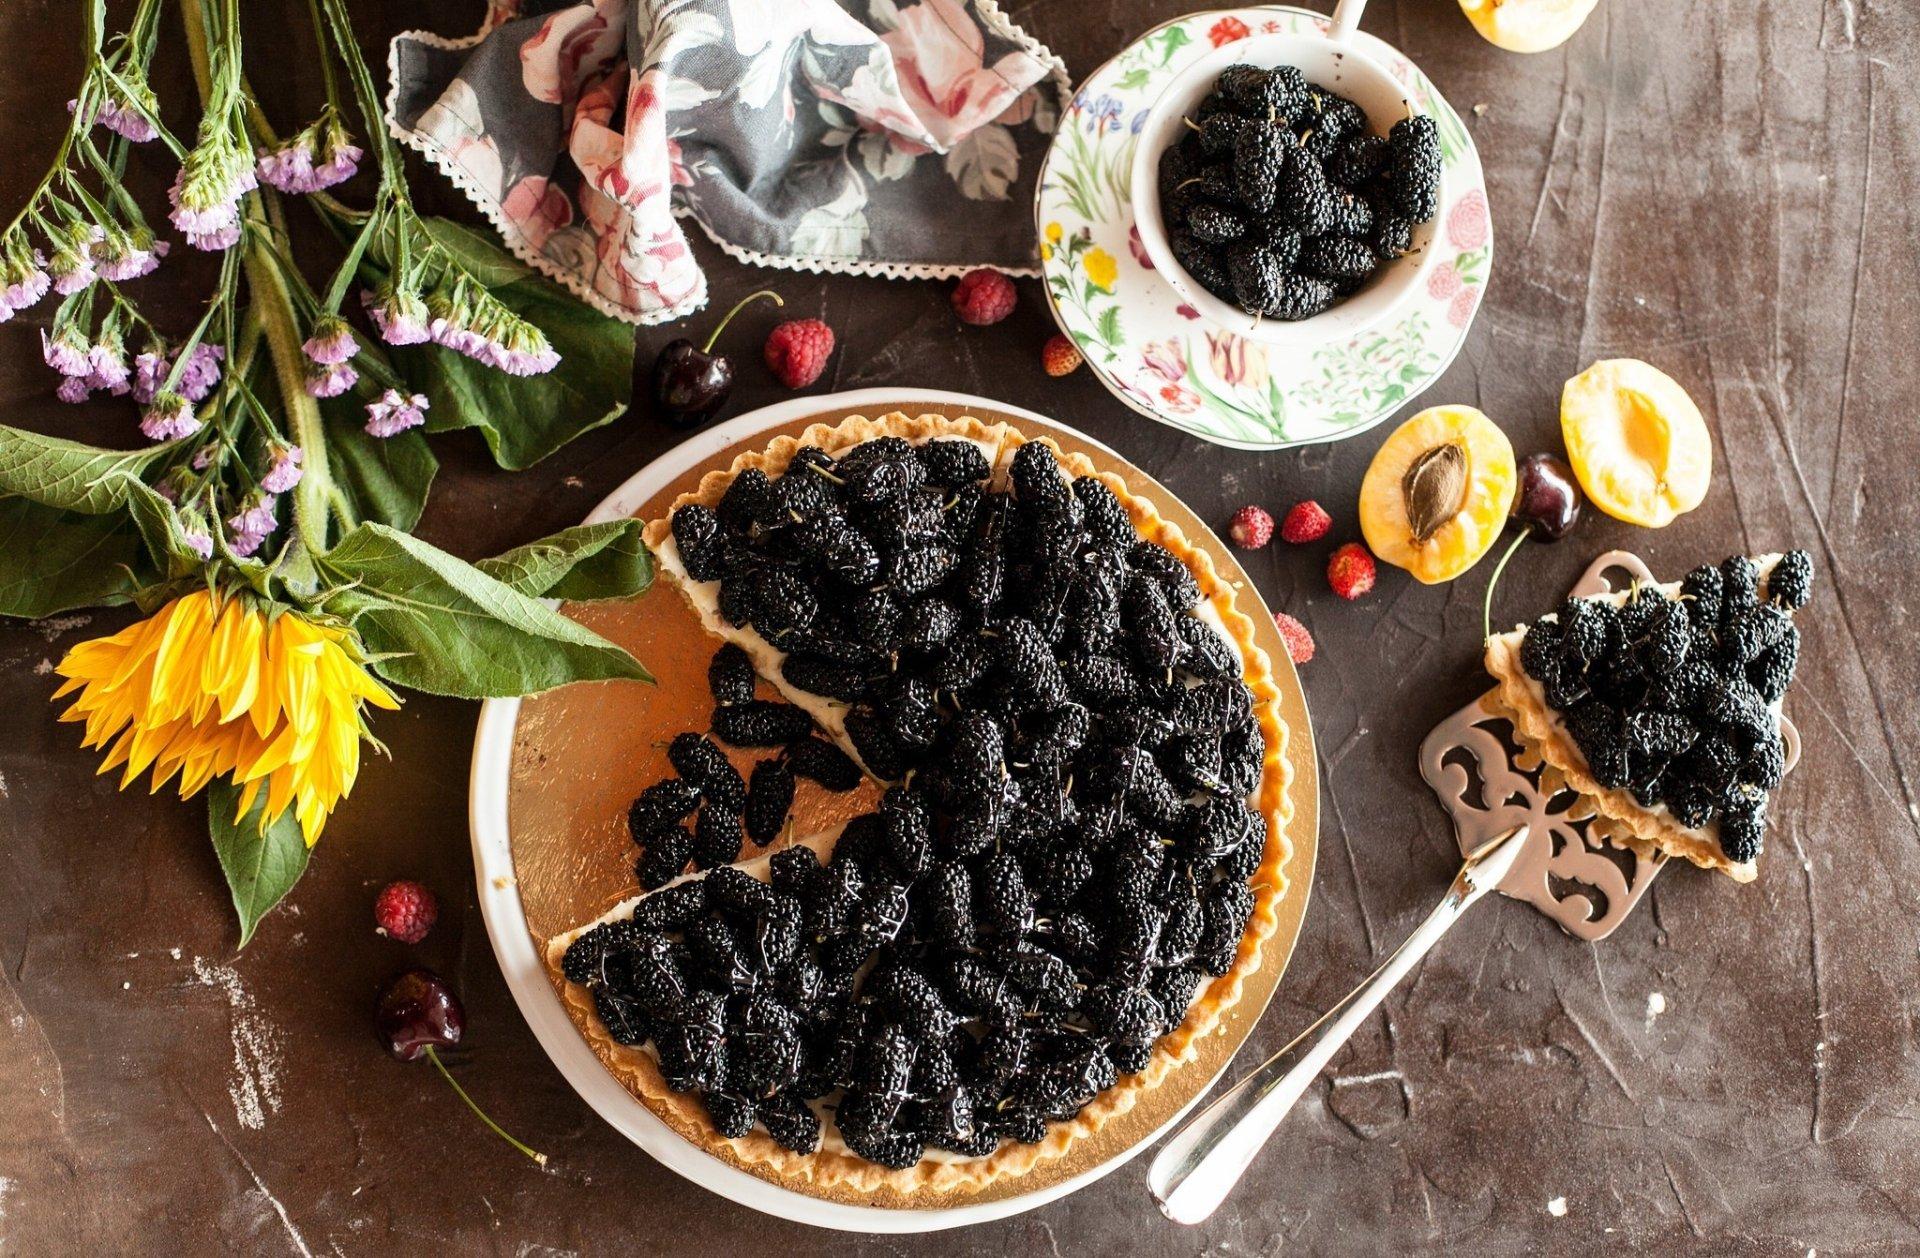 Food - Pie  Still Life Fruit Pastry Blackberry Wallpaper